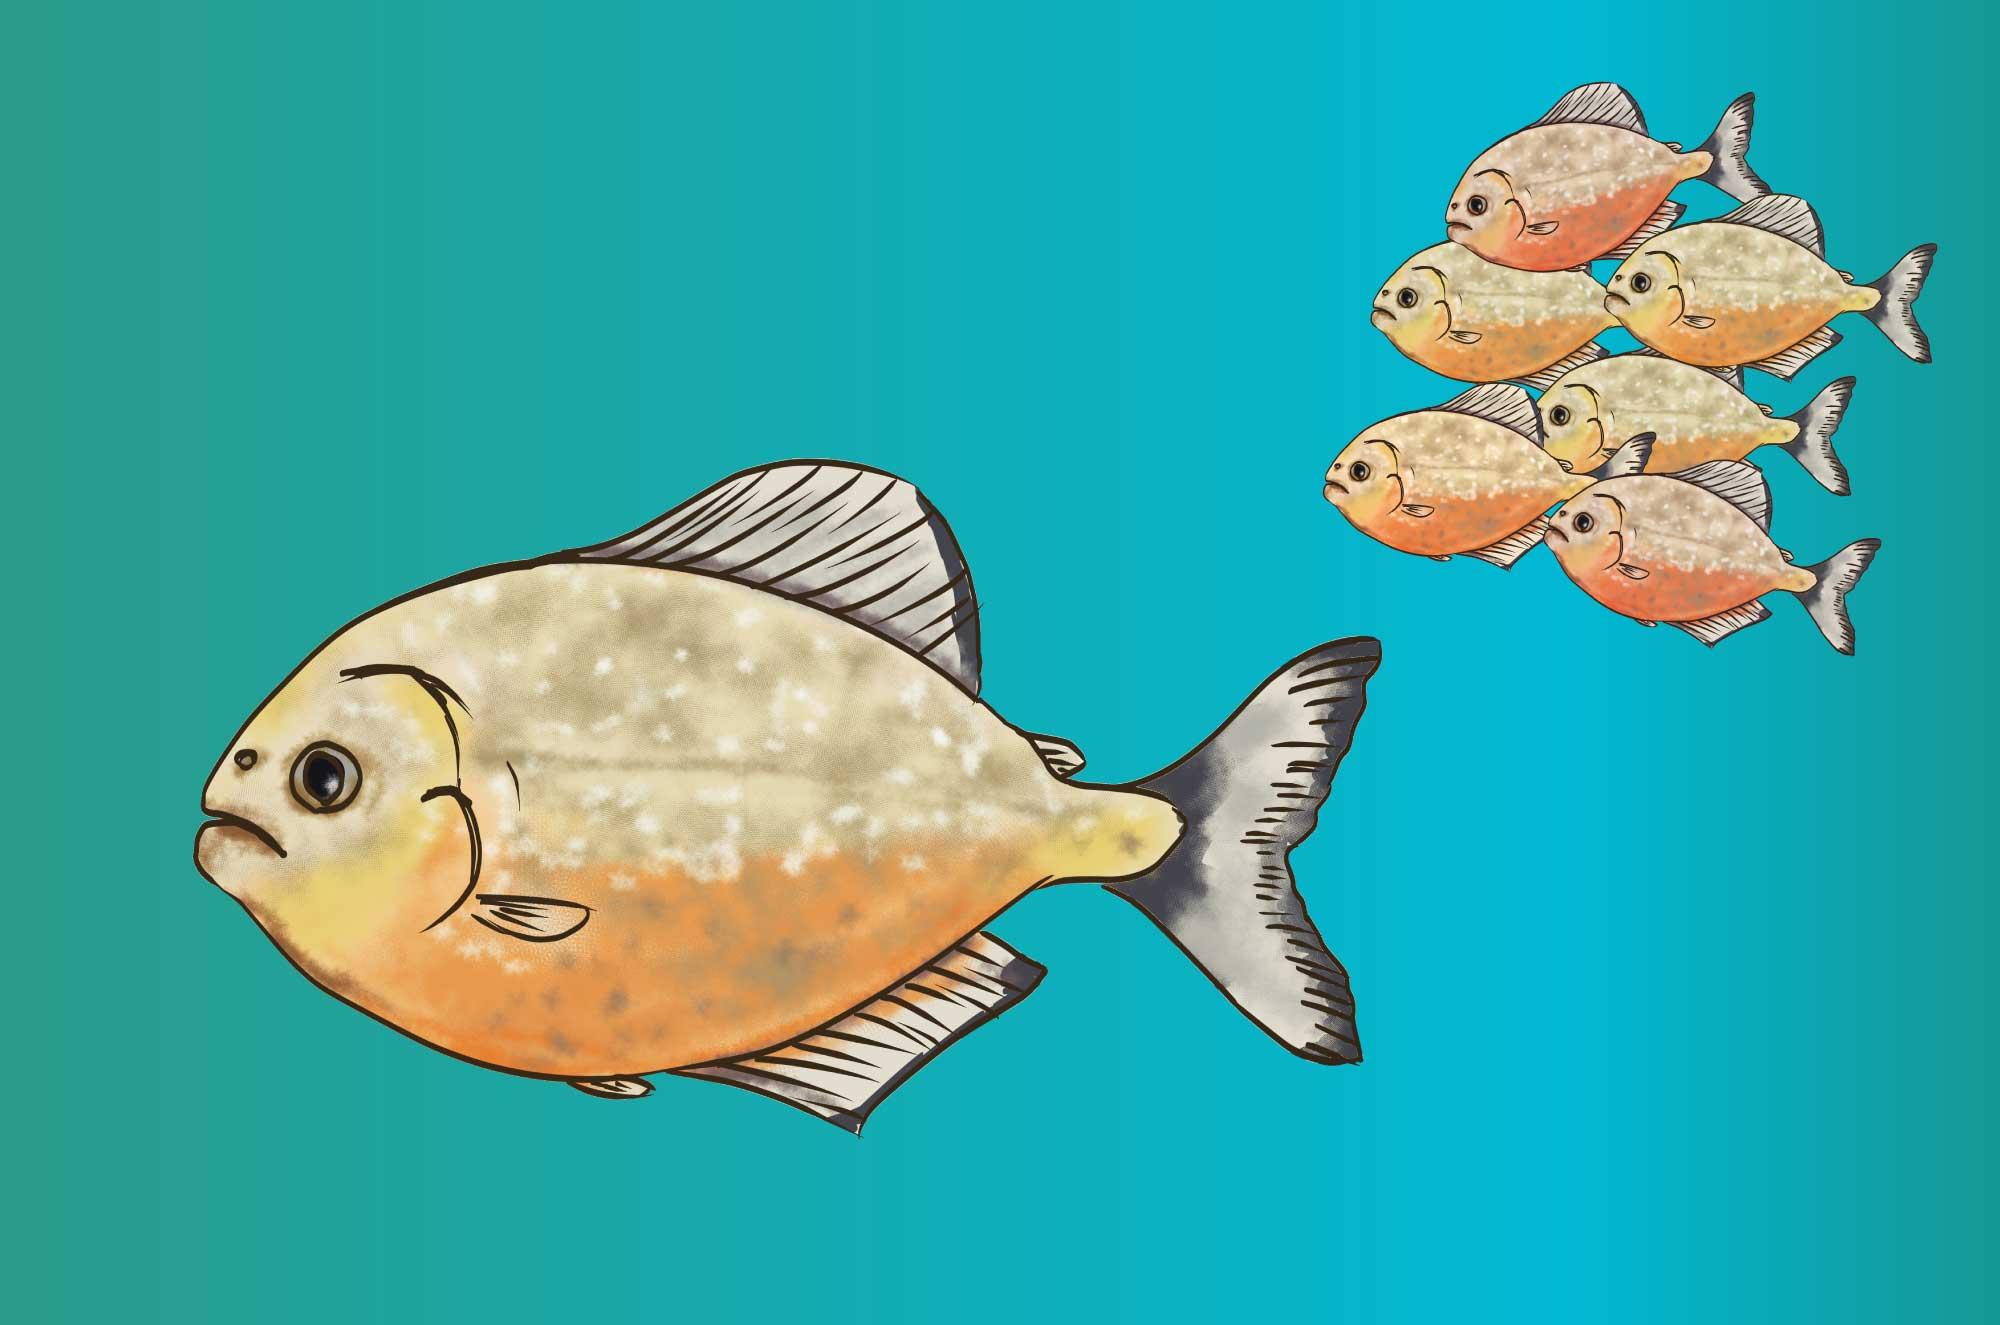 ピラニアのイラスト - アマゾンに生息する魚の素材